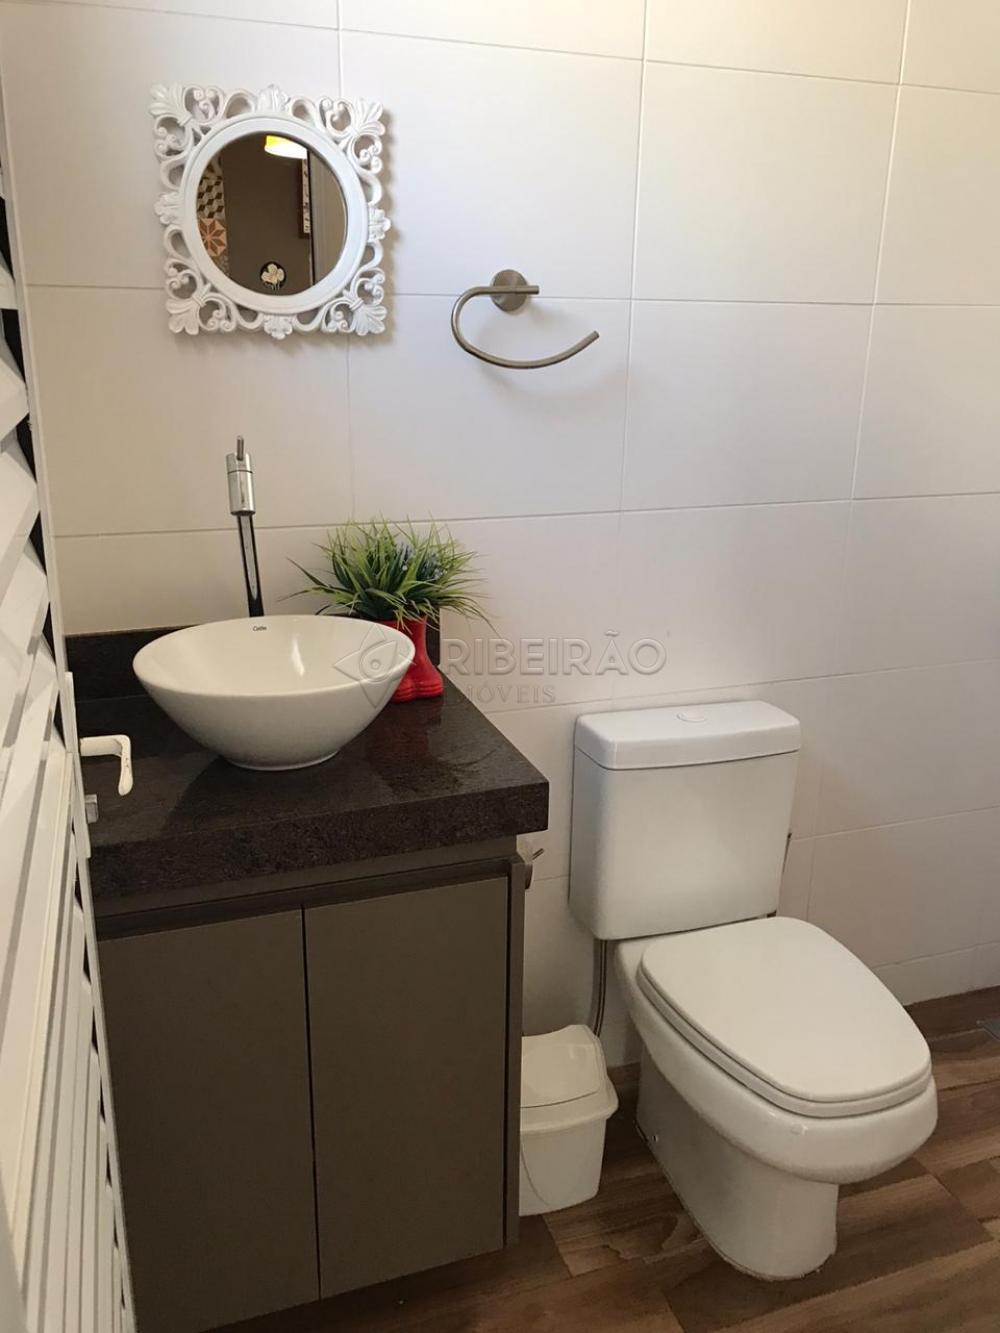 Alugar Casa / Condomínio em Cravinhos apenas R$ 3.500,00 - Foto 29